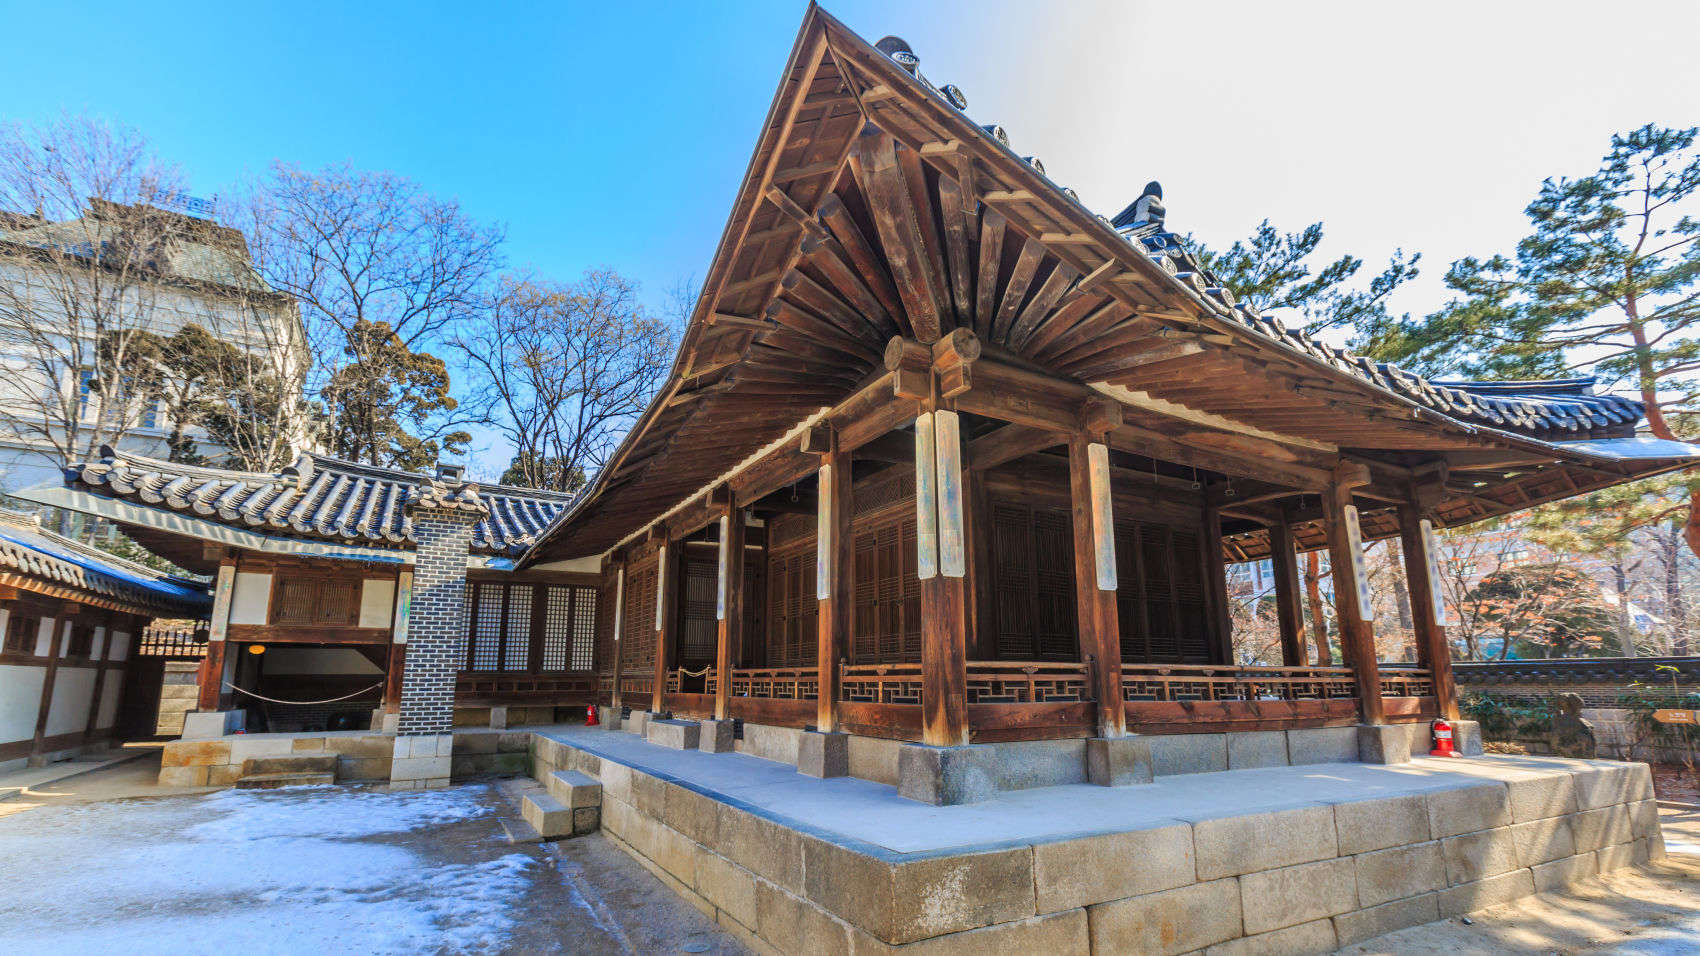 Book best western premier hotel kukdo seoul south korea hotels com - Book Best Western Premier Hotel Kukdo Seoul South Korea Hotels Com 73